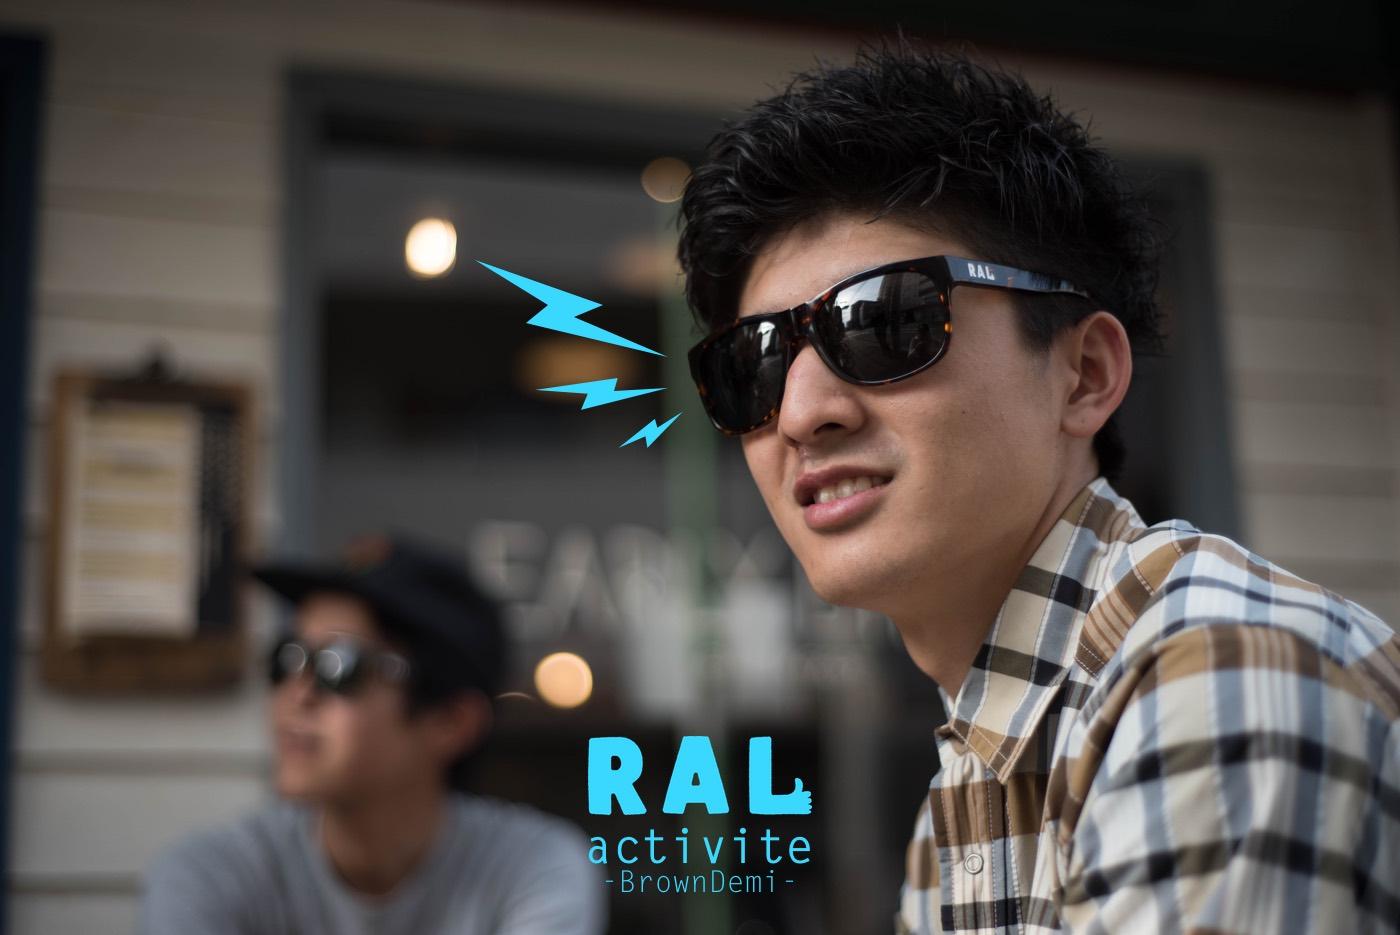 ral_act-brwn_bunner